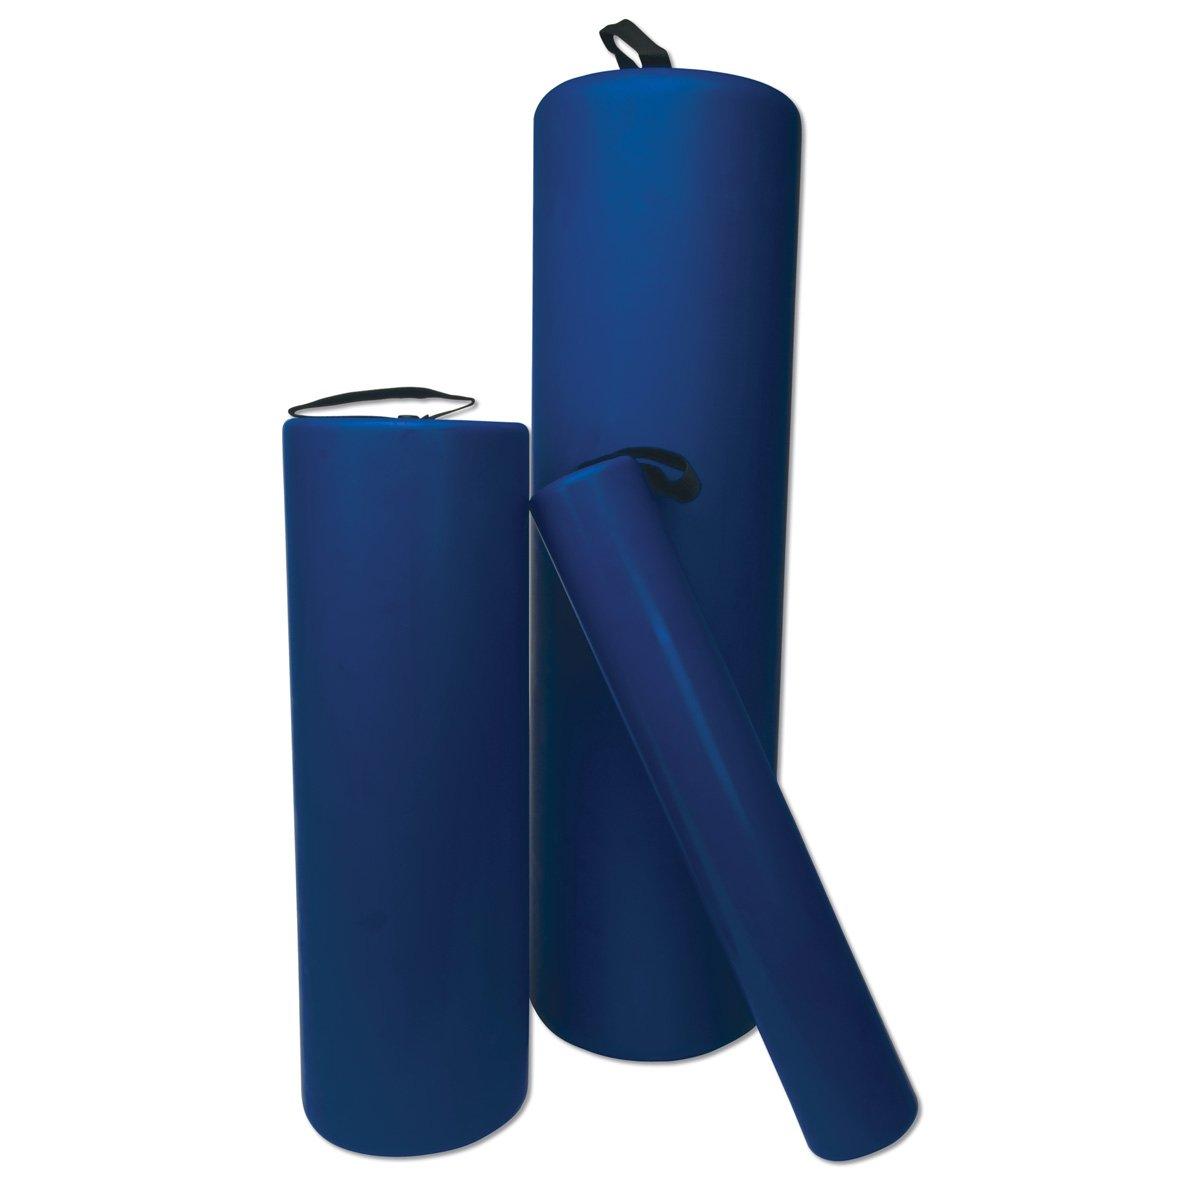 CanDo Skillbuilders Roll, 16 Inch x 48 Inch